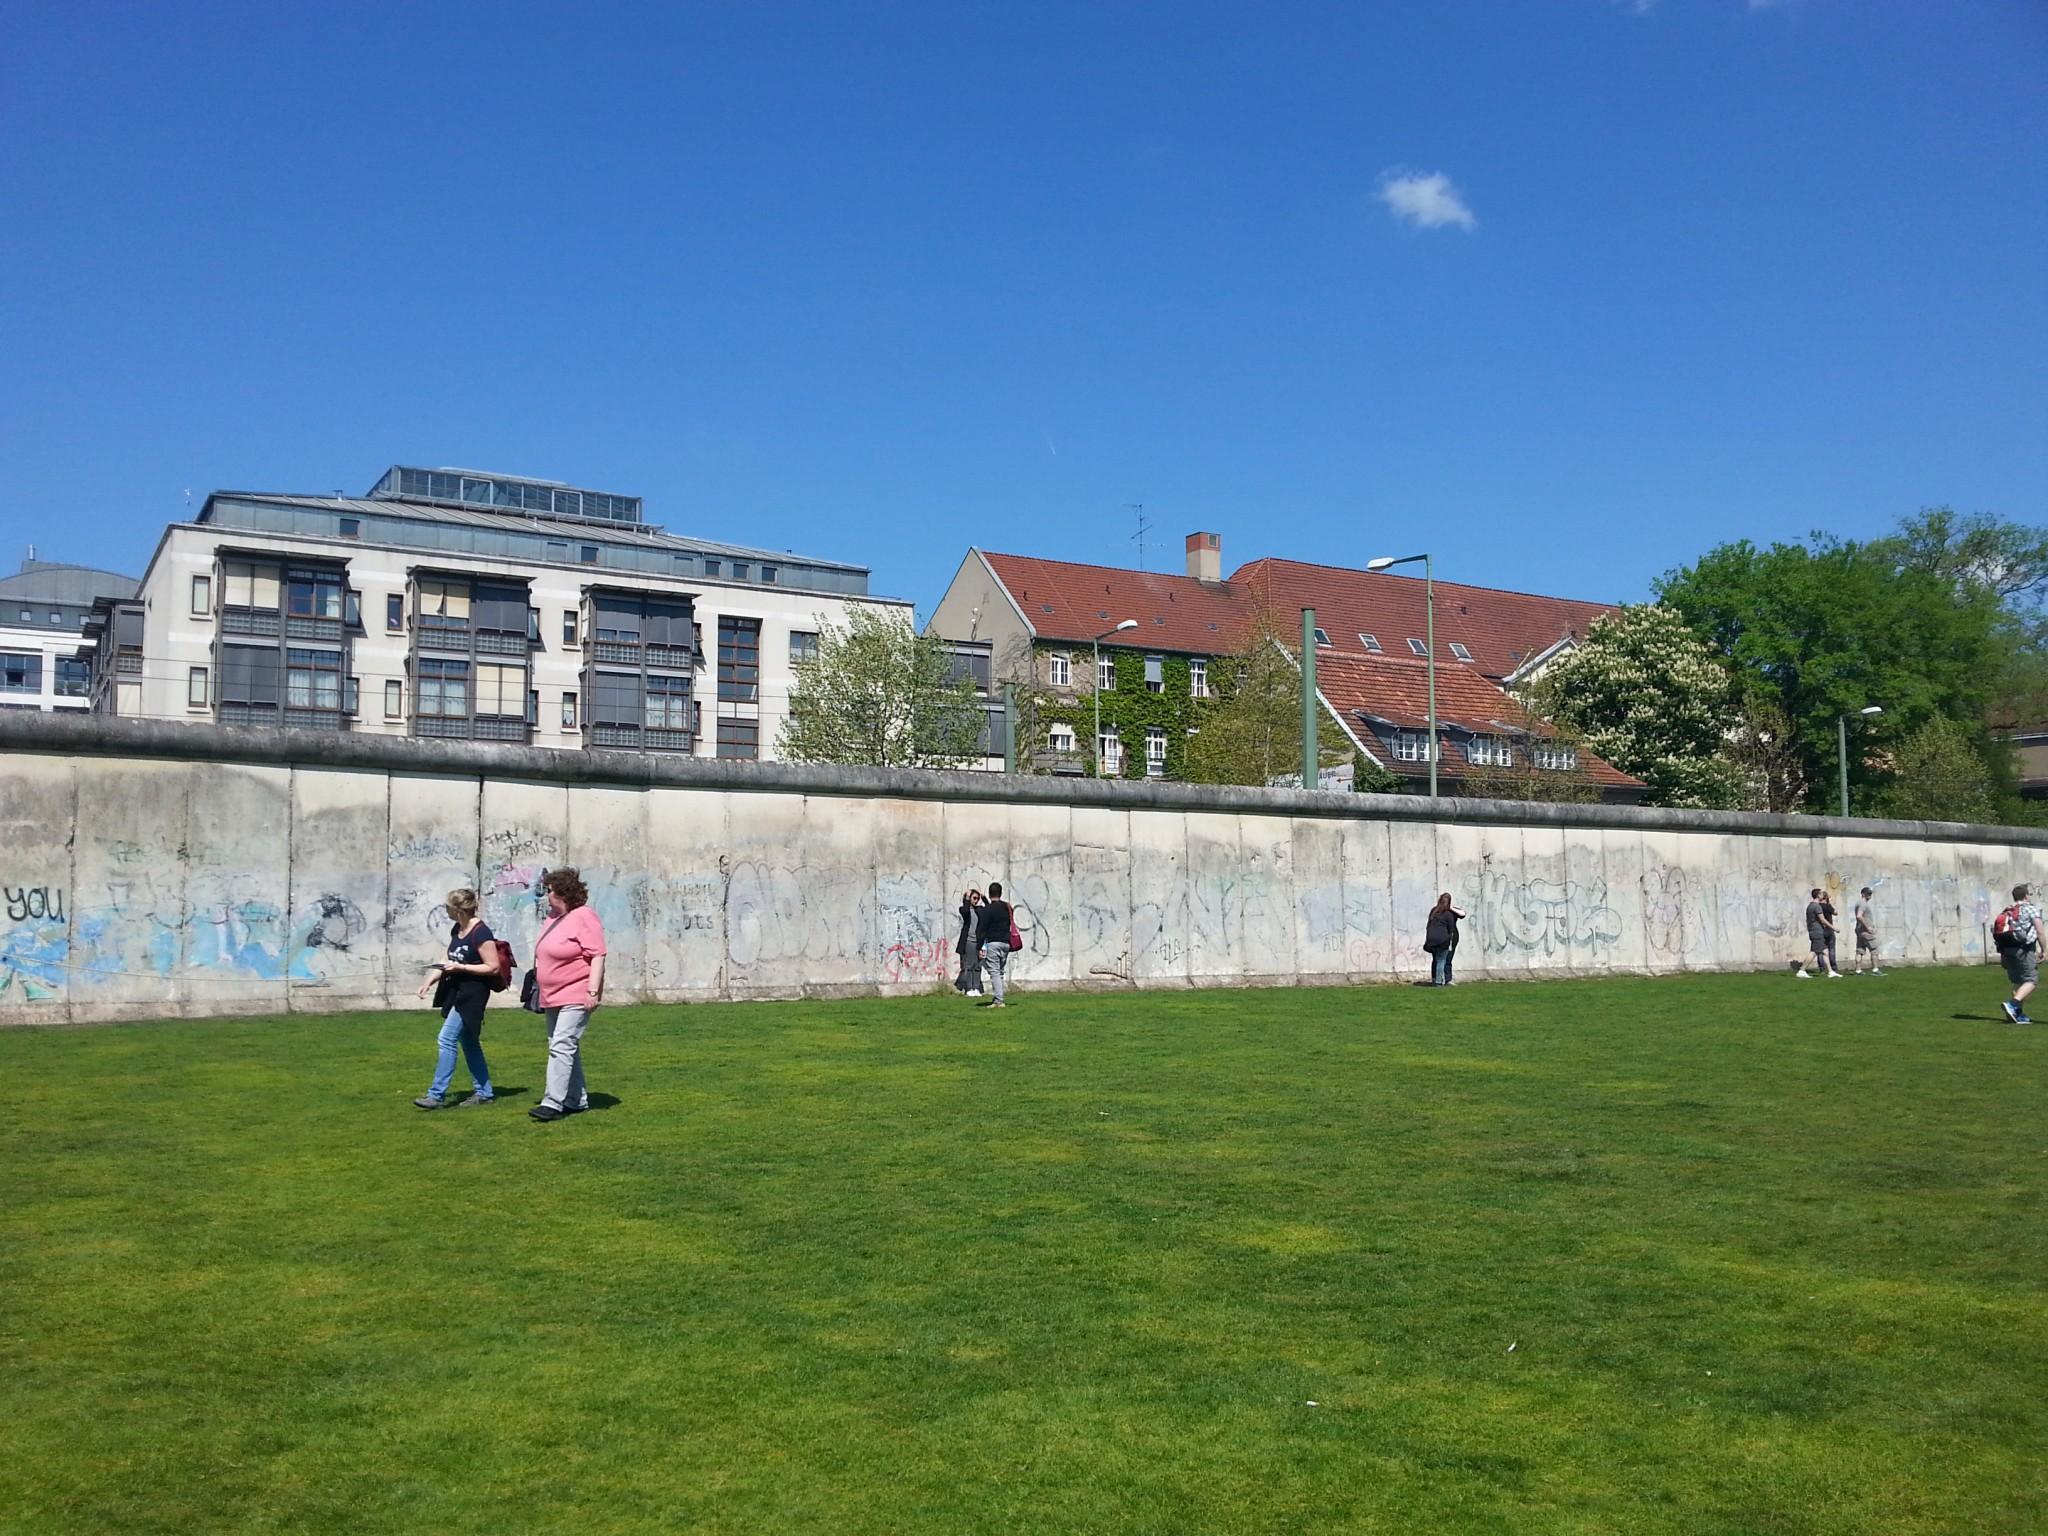 Toki me käytiin myös turisteilemassa. Berliinin muurin lisäksi olisi haluttanut nähdä paljon muutakin!